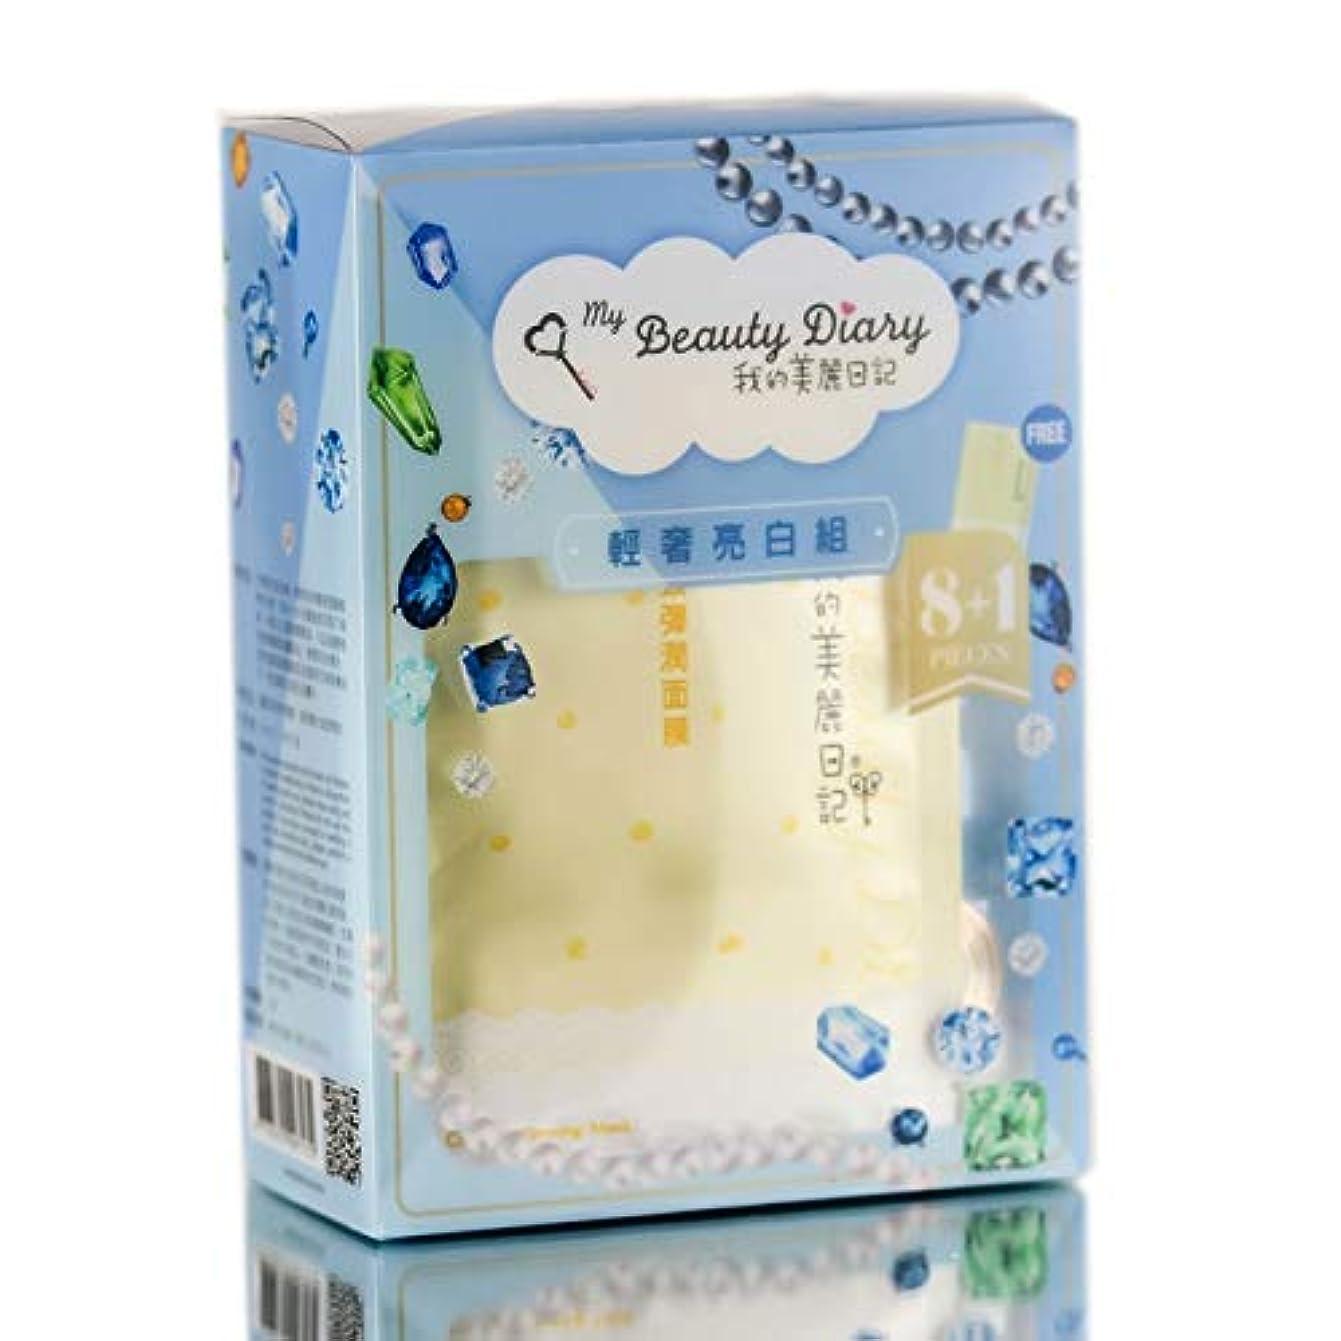 落ち着いて臨検薬を飲むMy Beauty Diary オールインワン81セット-Optionオールインワン